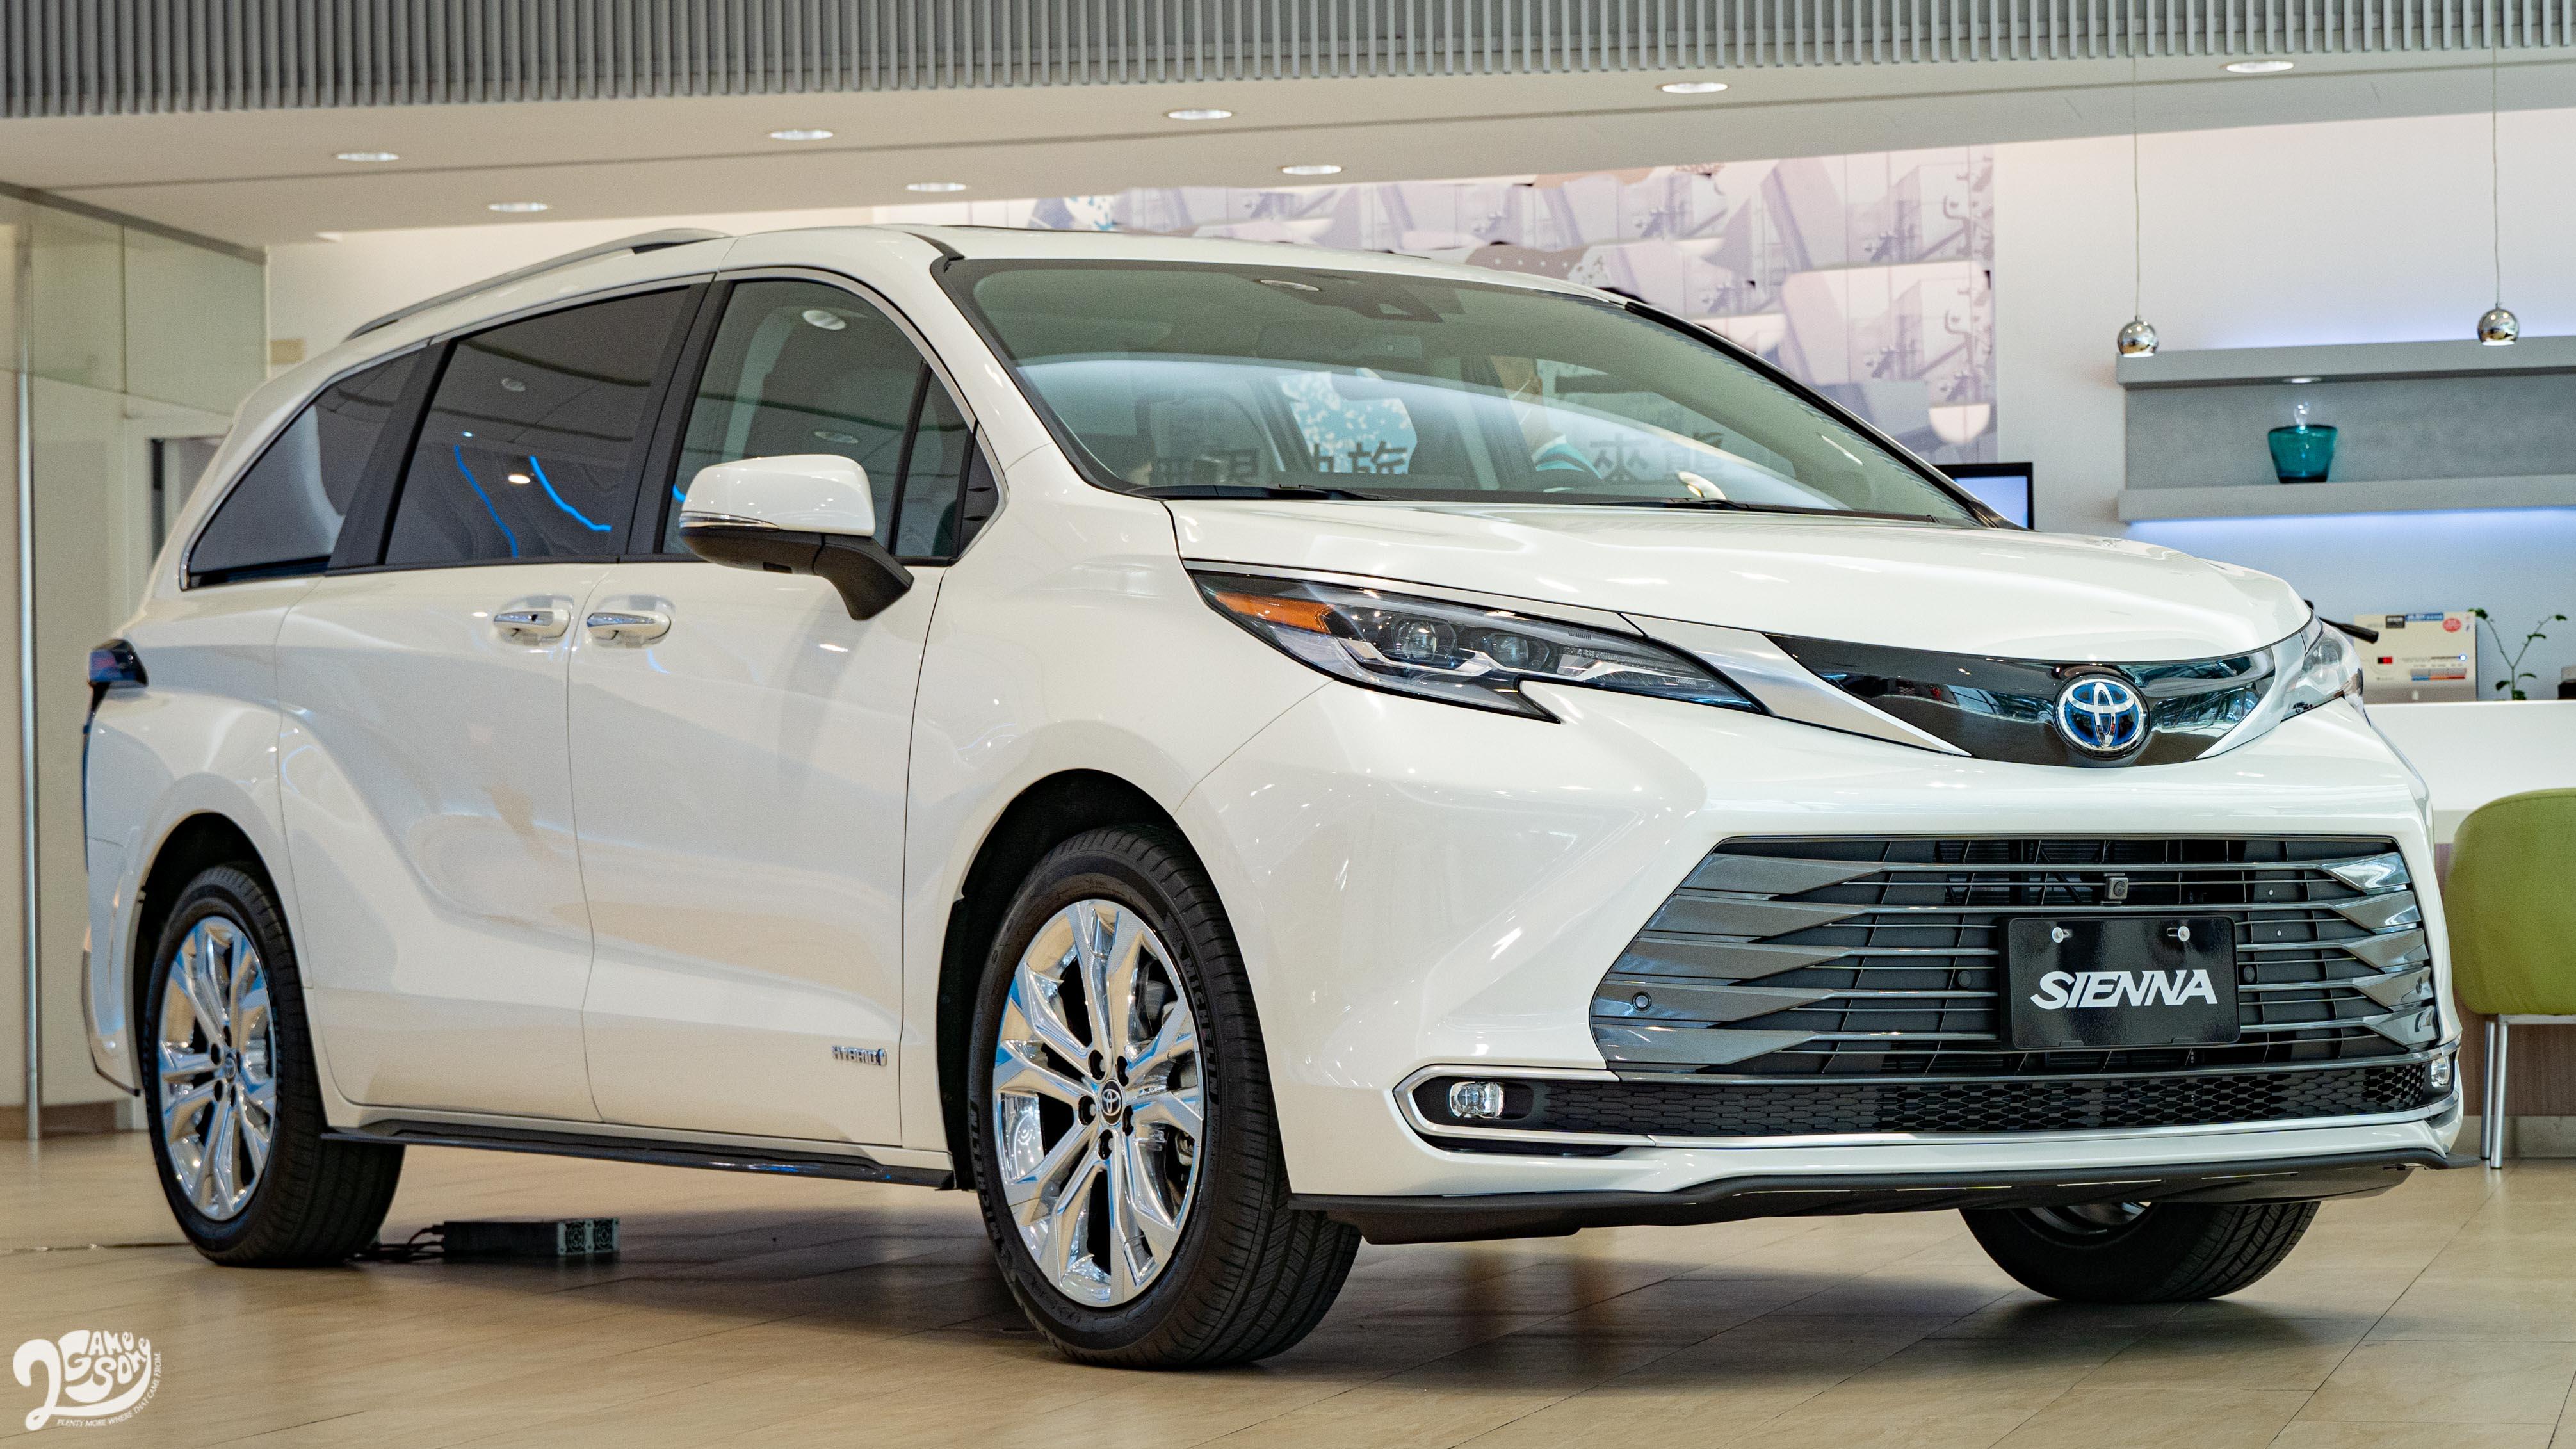 全新 Toyota Sienna 油電化預售起跑,雙車型早鳥價 210 萬元起